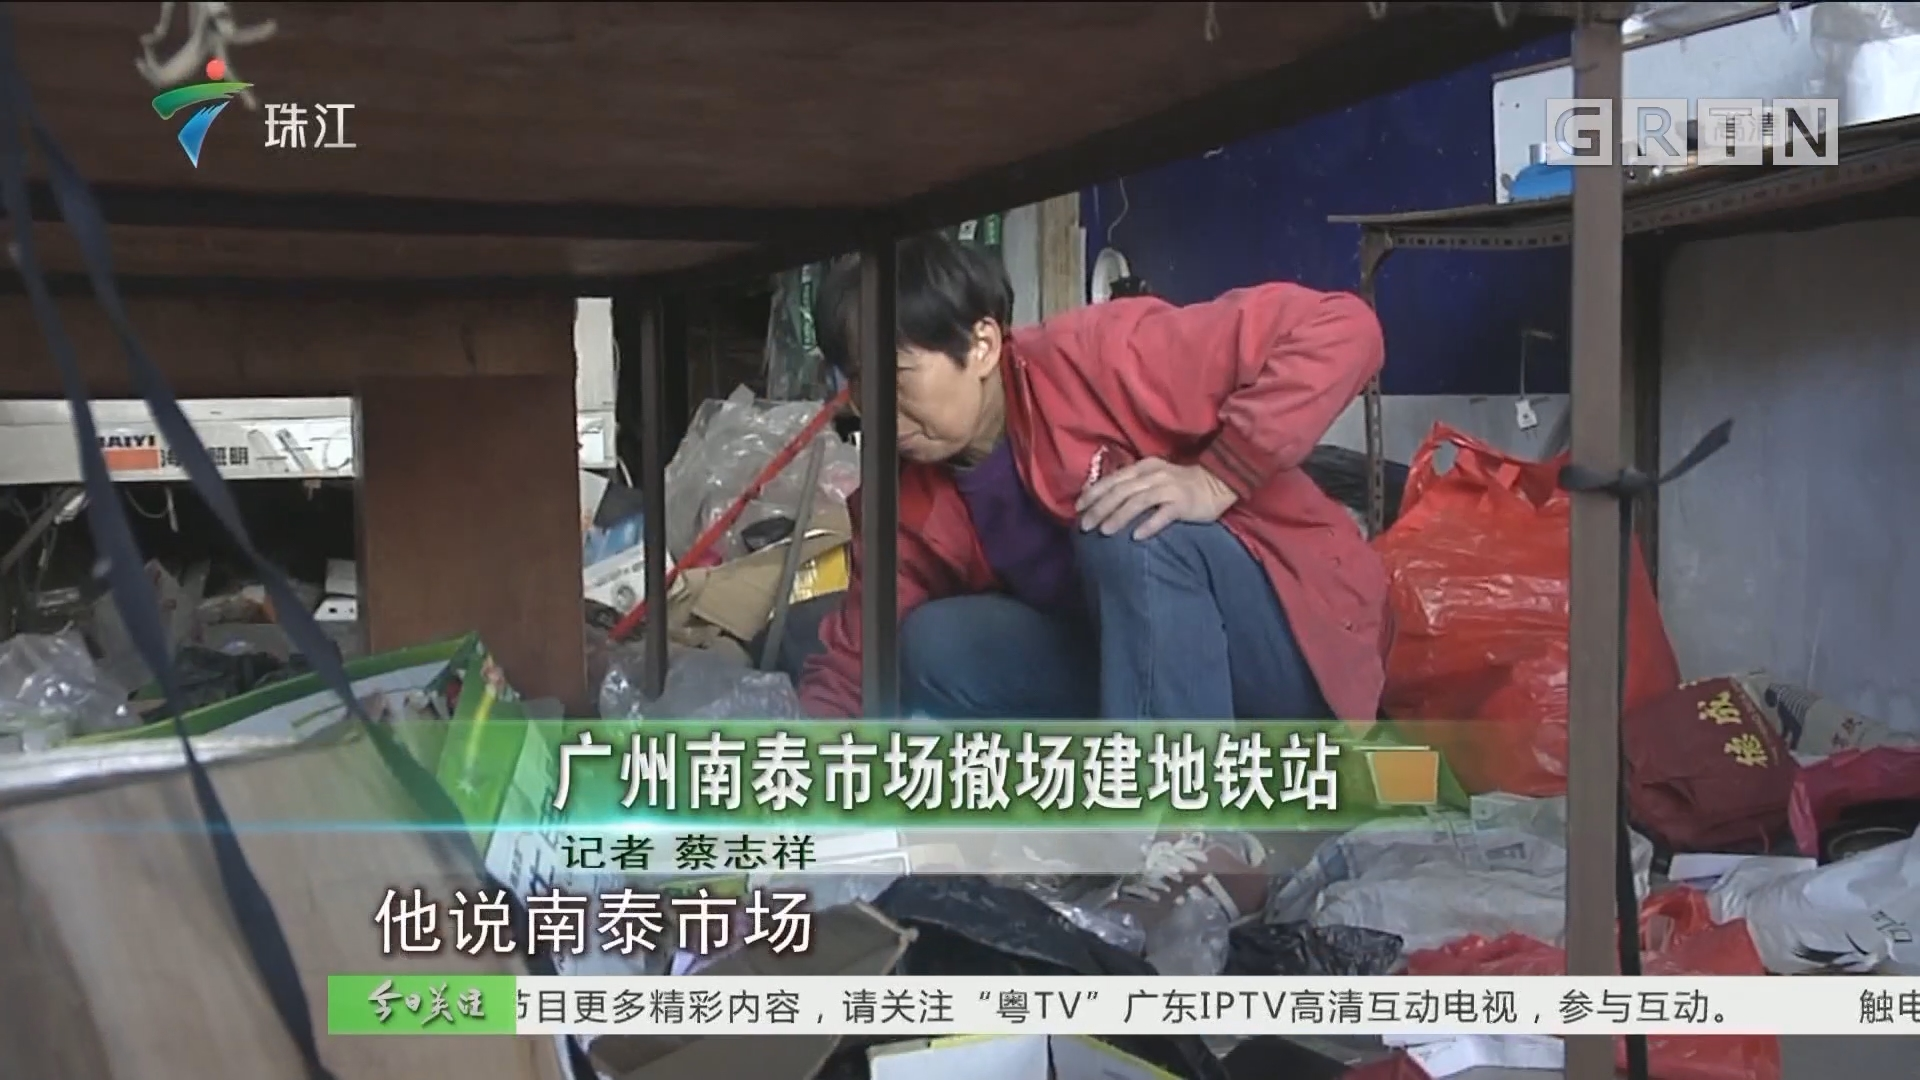 广州南泰市场撤场建地铁站